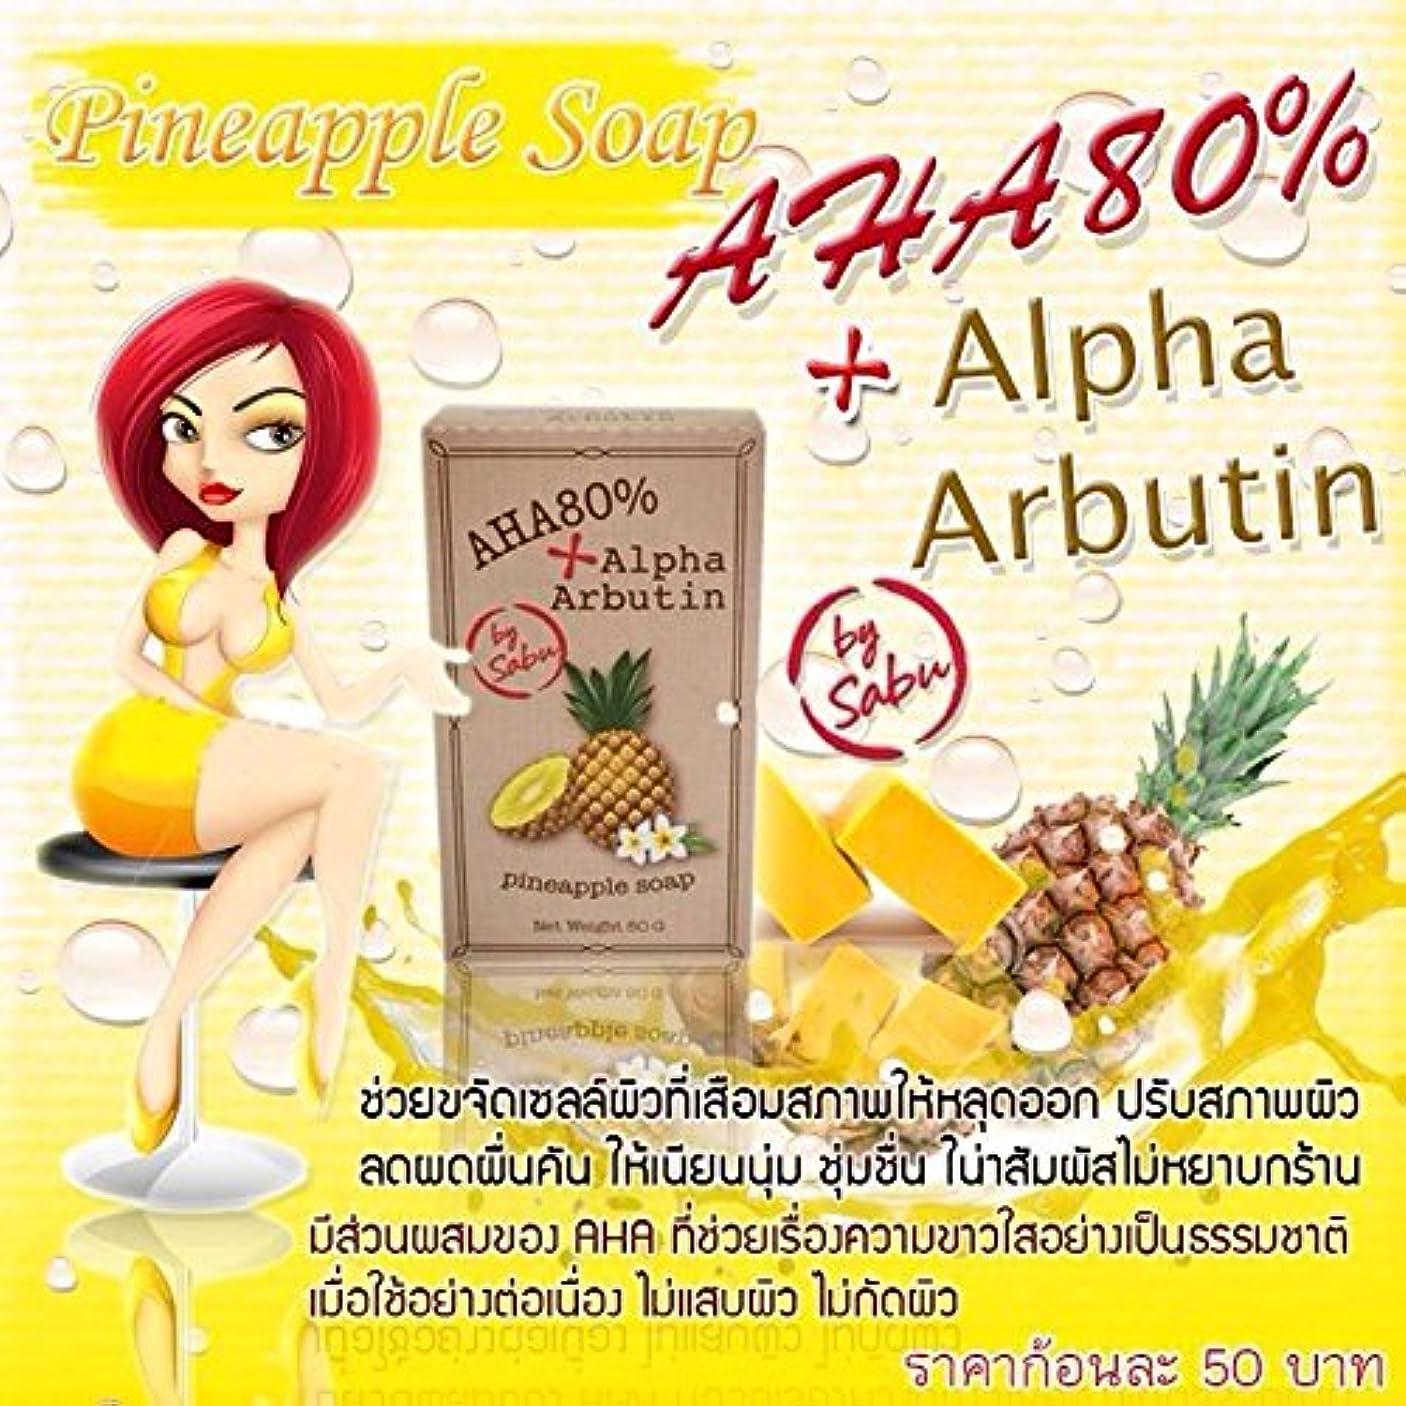 レスリング廃止するスカート1 X Natural Herbal Whitening Soap.Alpha-Arbutin Pineapple AHA 80%. The skin whitening process is rapid. 80 g. Free shipping